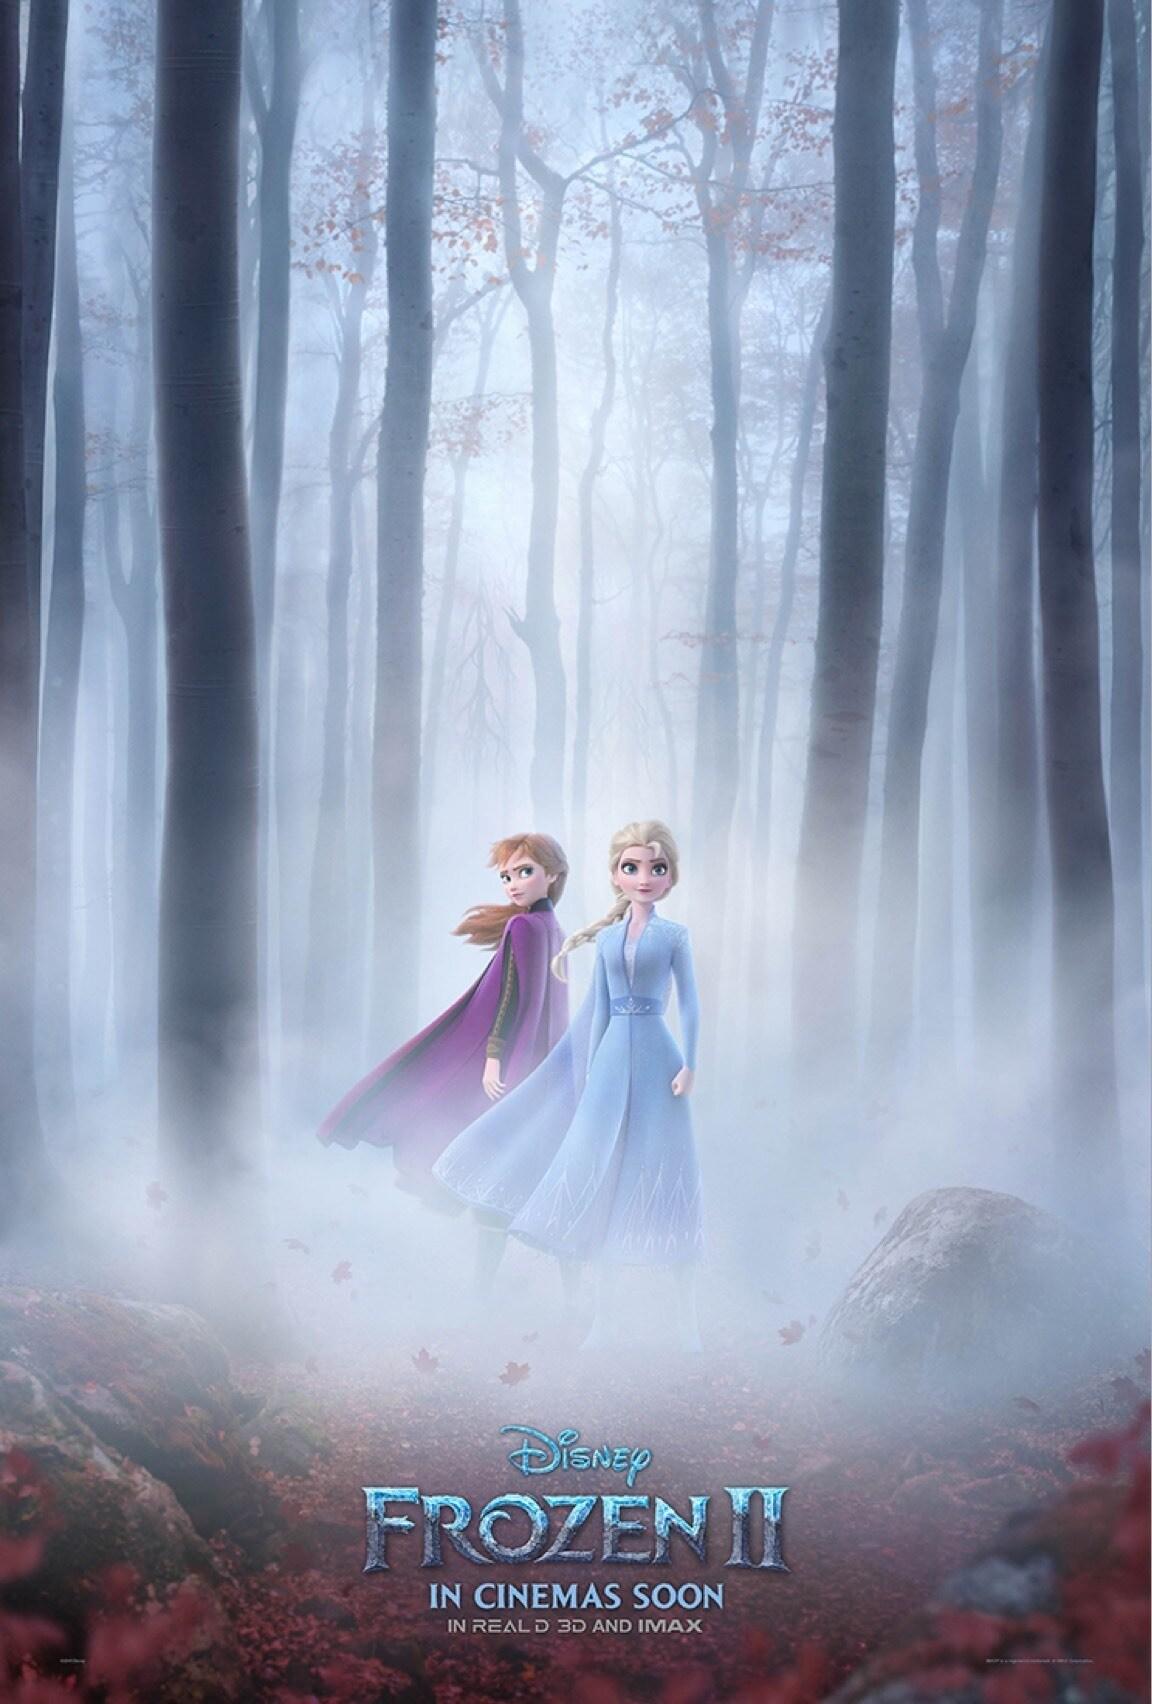 يجمع فيلم ملكة الثلج ٢ البوستر الرسمي لـ